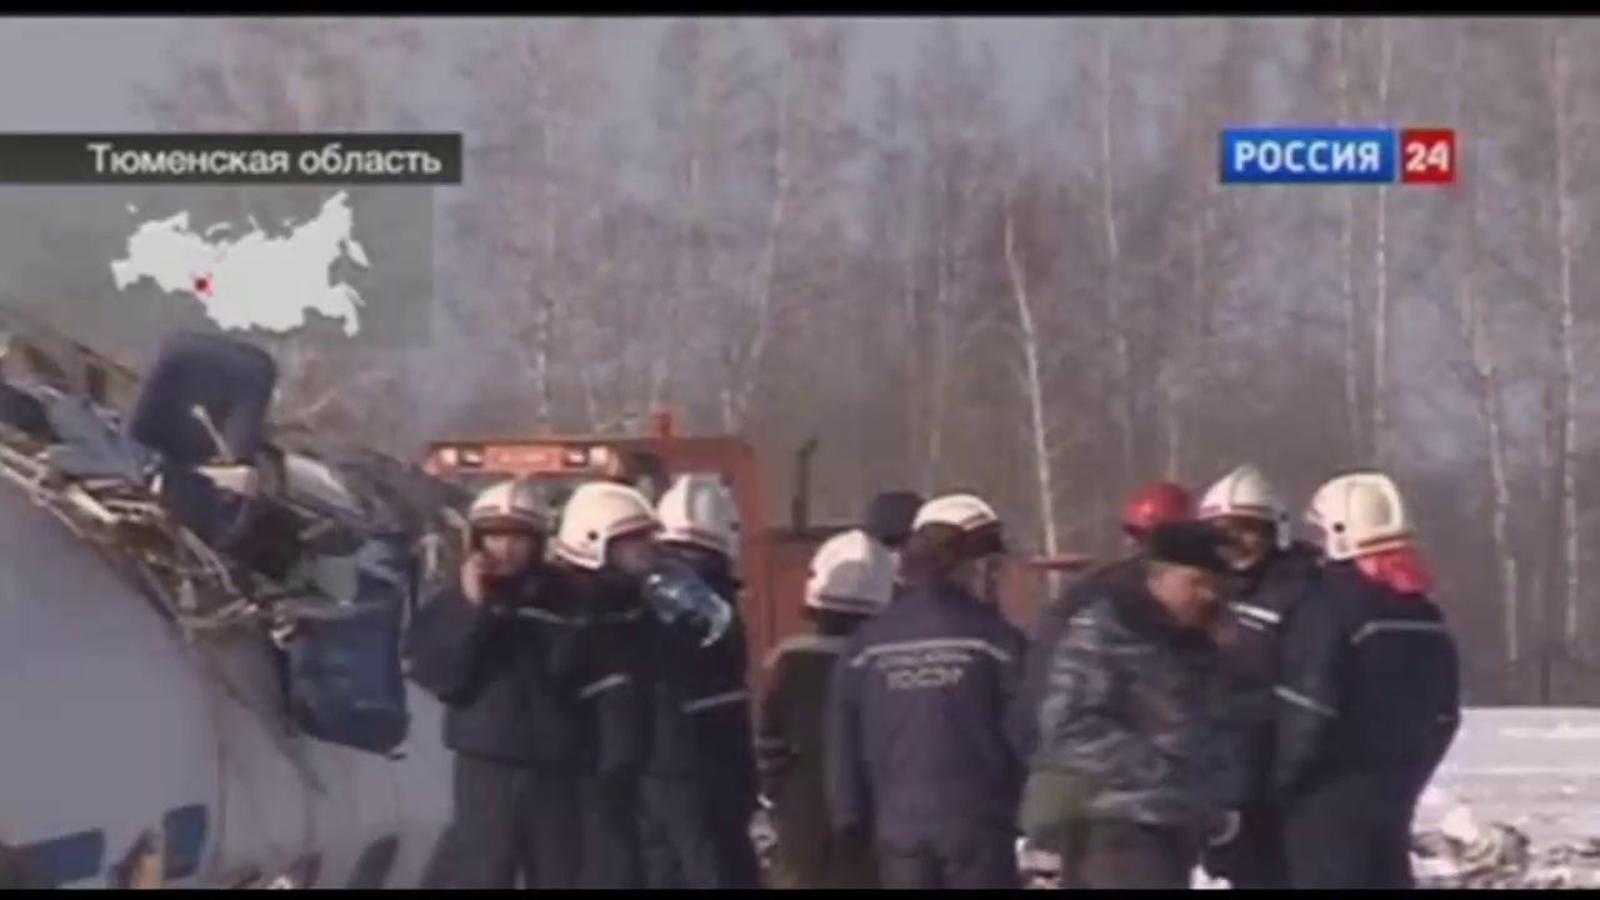 Un accident d'avió a Sibèria deixa un balanç d'almenys 31 morts